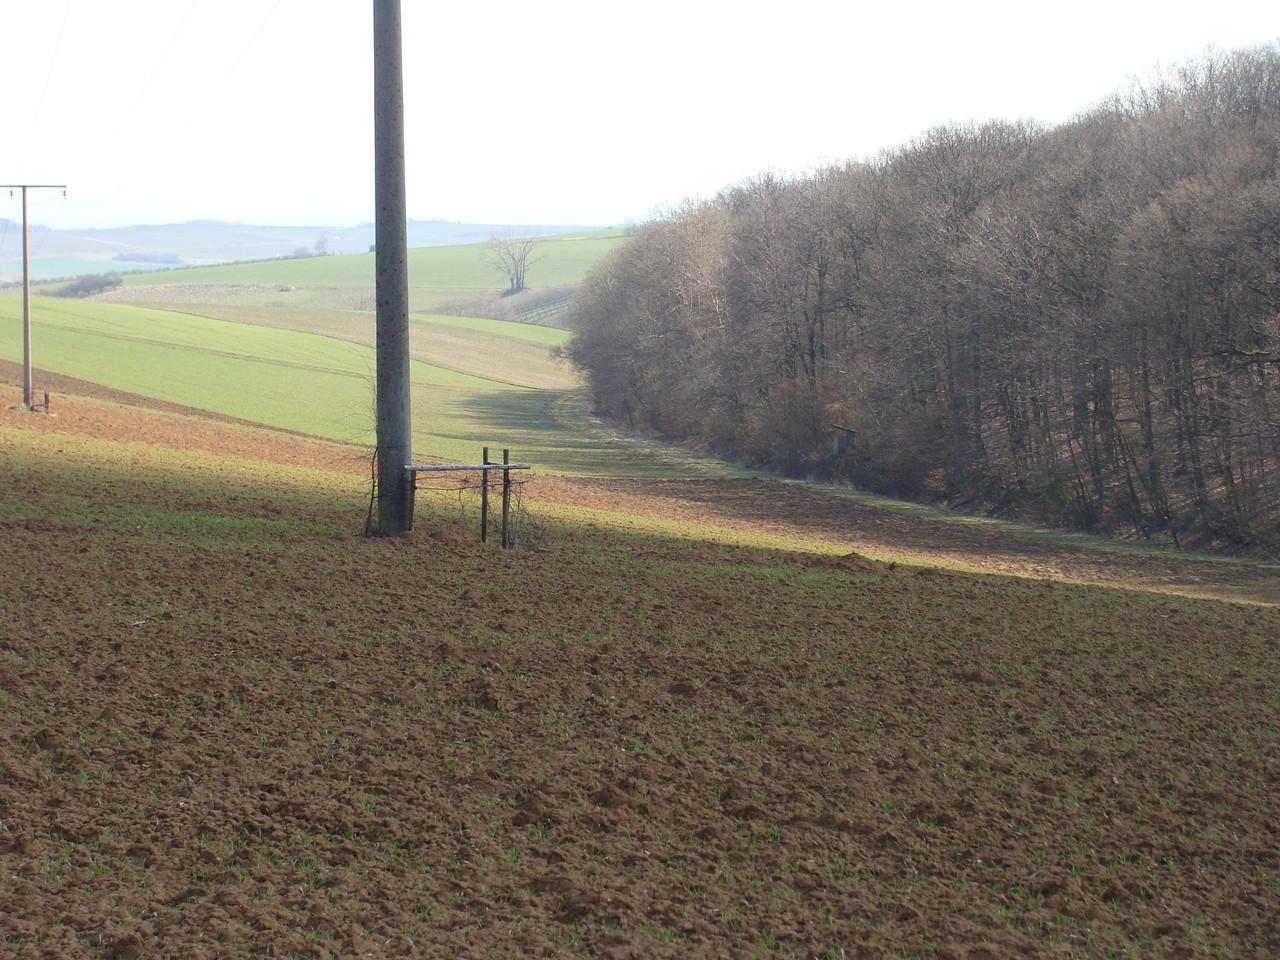 Nach dem Wald links halten und man landet wieder in Wipfeld.